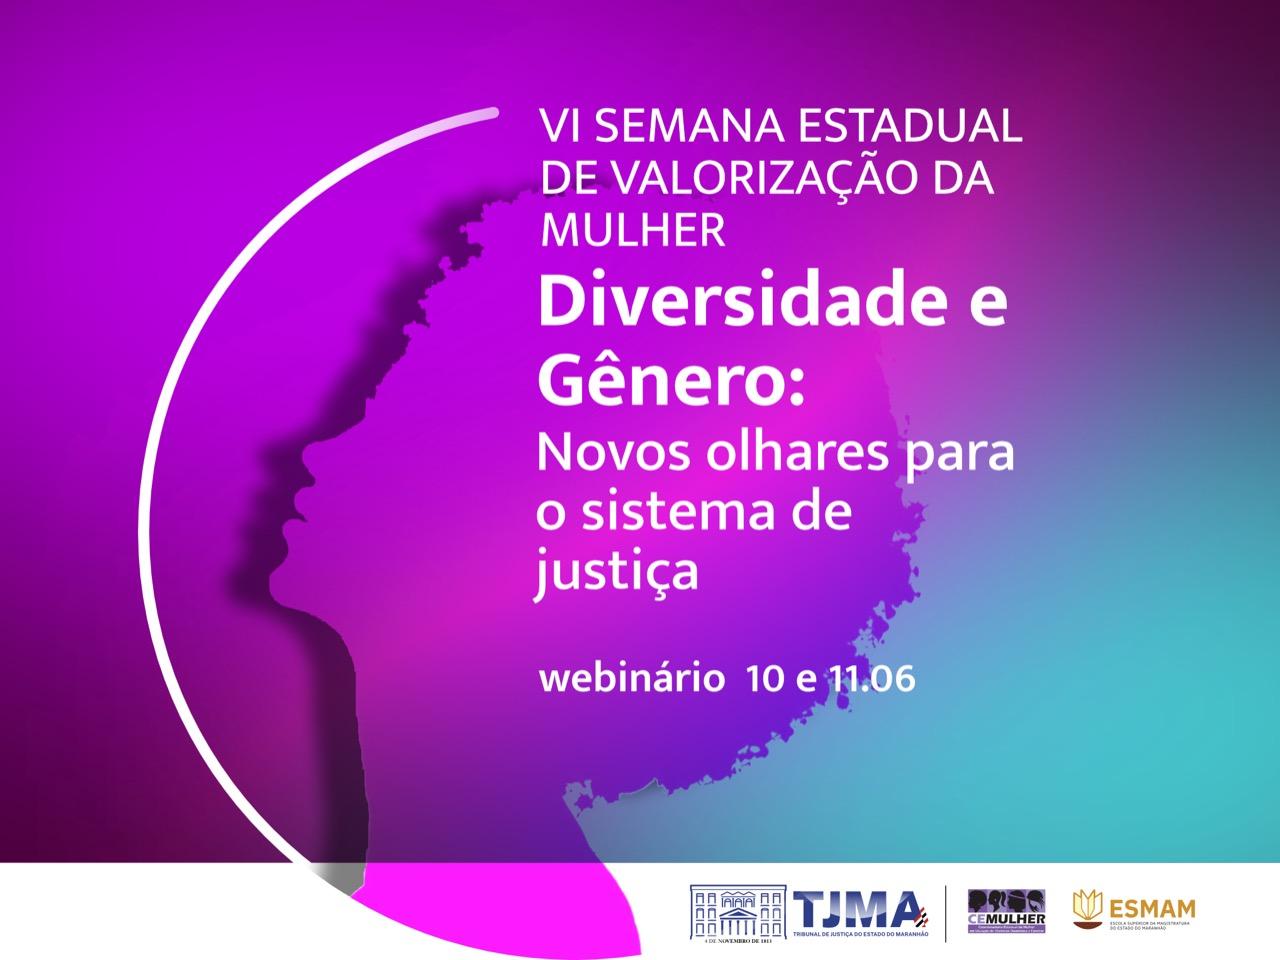 Especialistas discutem aprimoramento do Judiciário no atendimento às questões de gênero